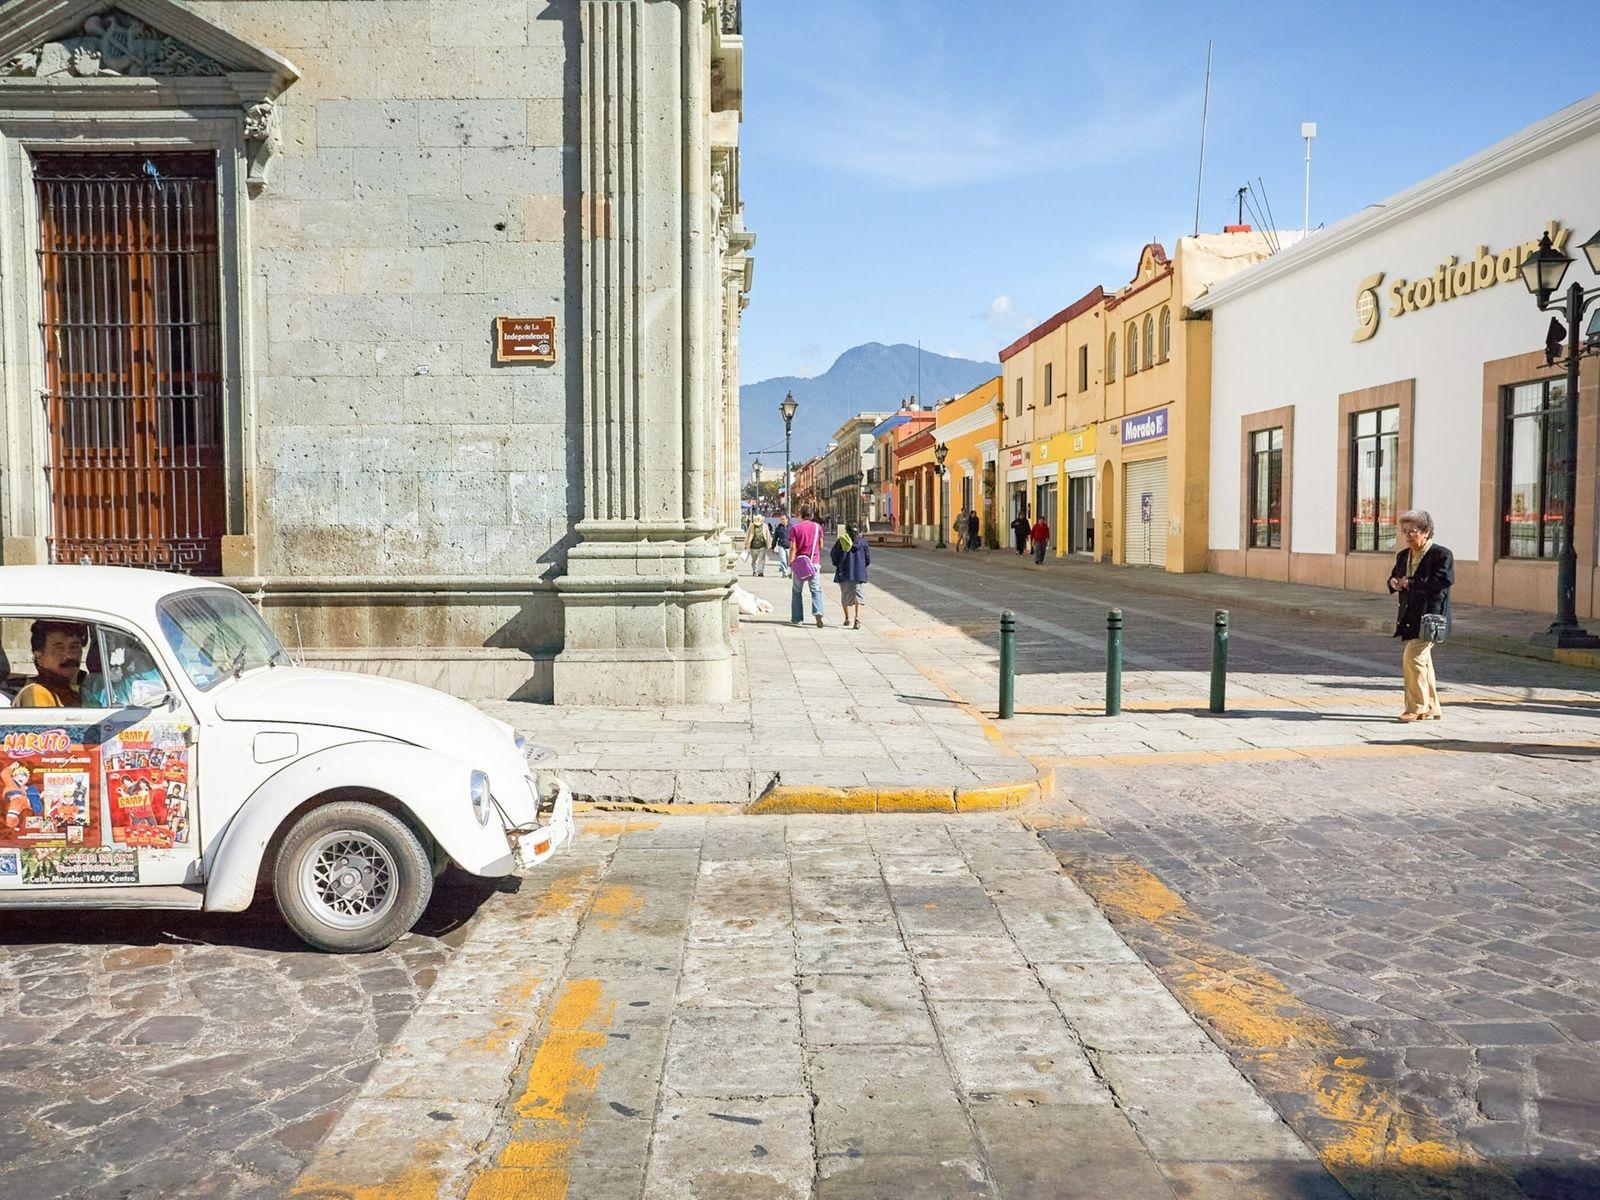 Fotografía de un Volkswagen Escarabajo en Oaxaca